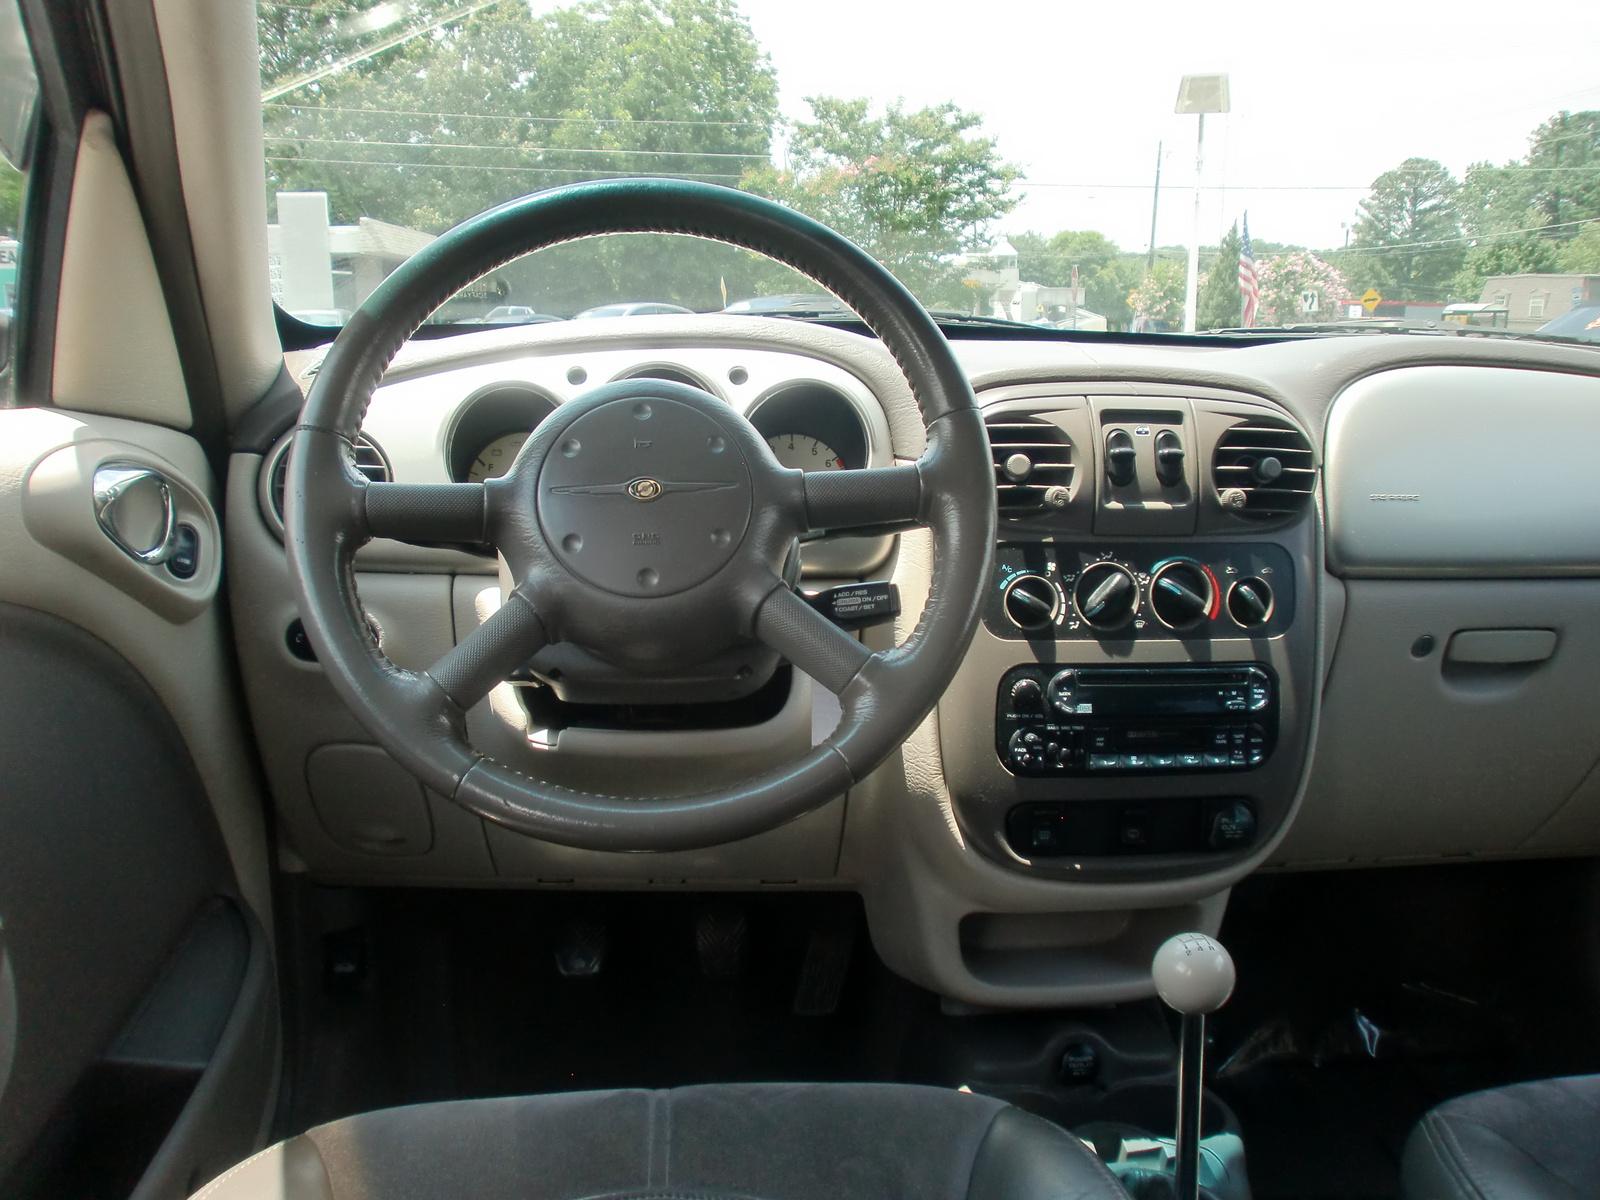 2001 Chrysler Pt Cruiser Interior Pictures Cargurus